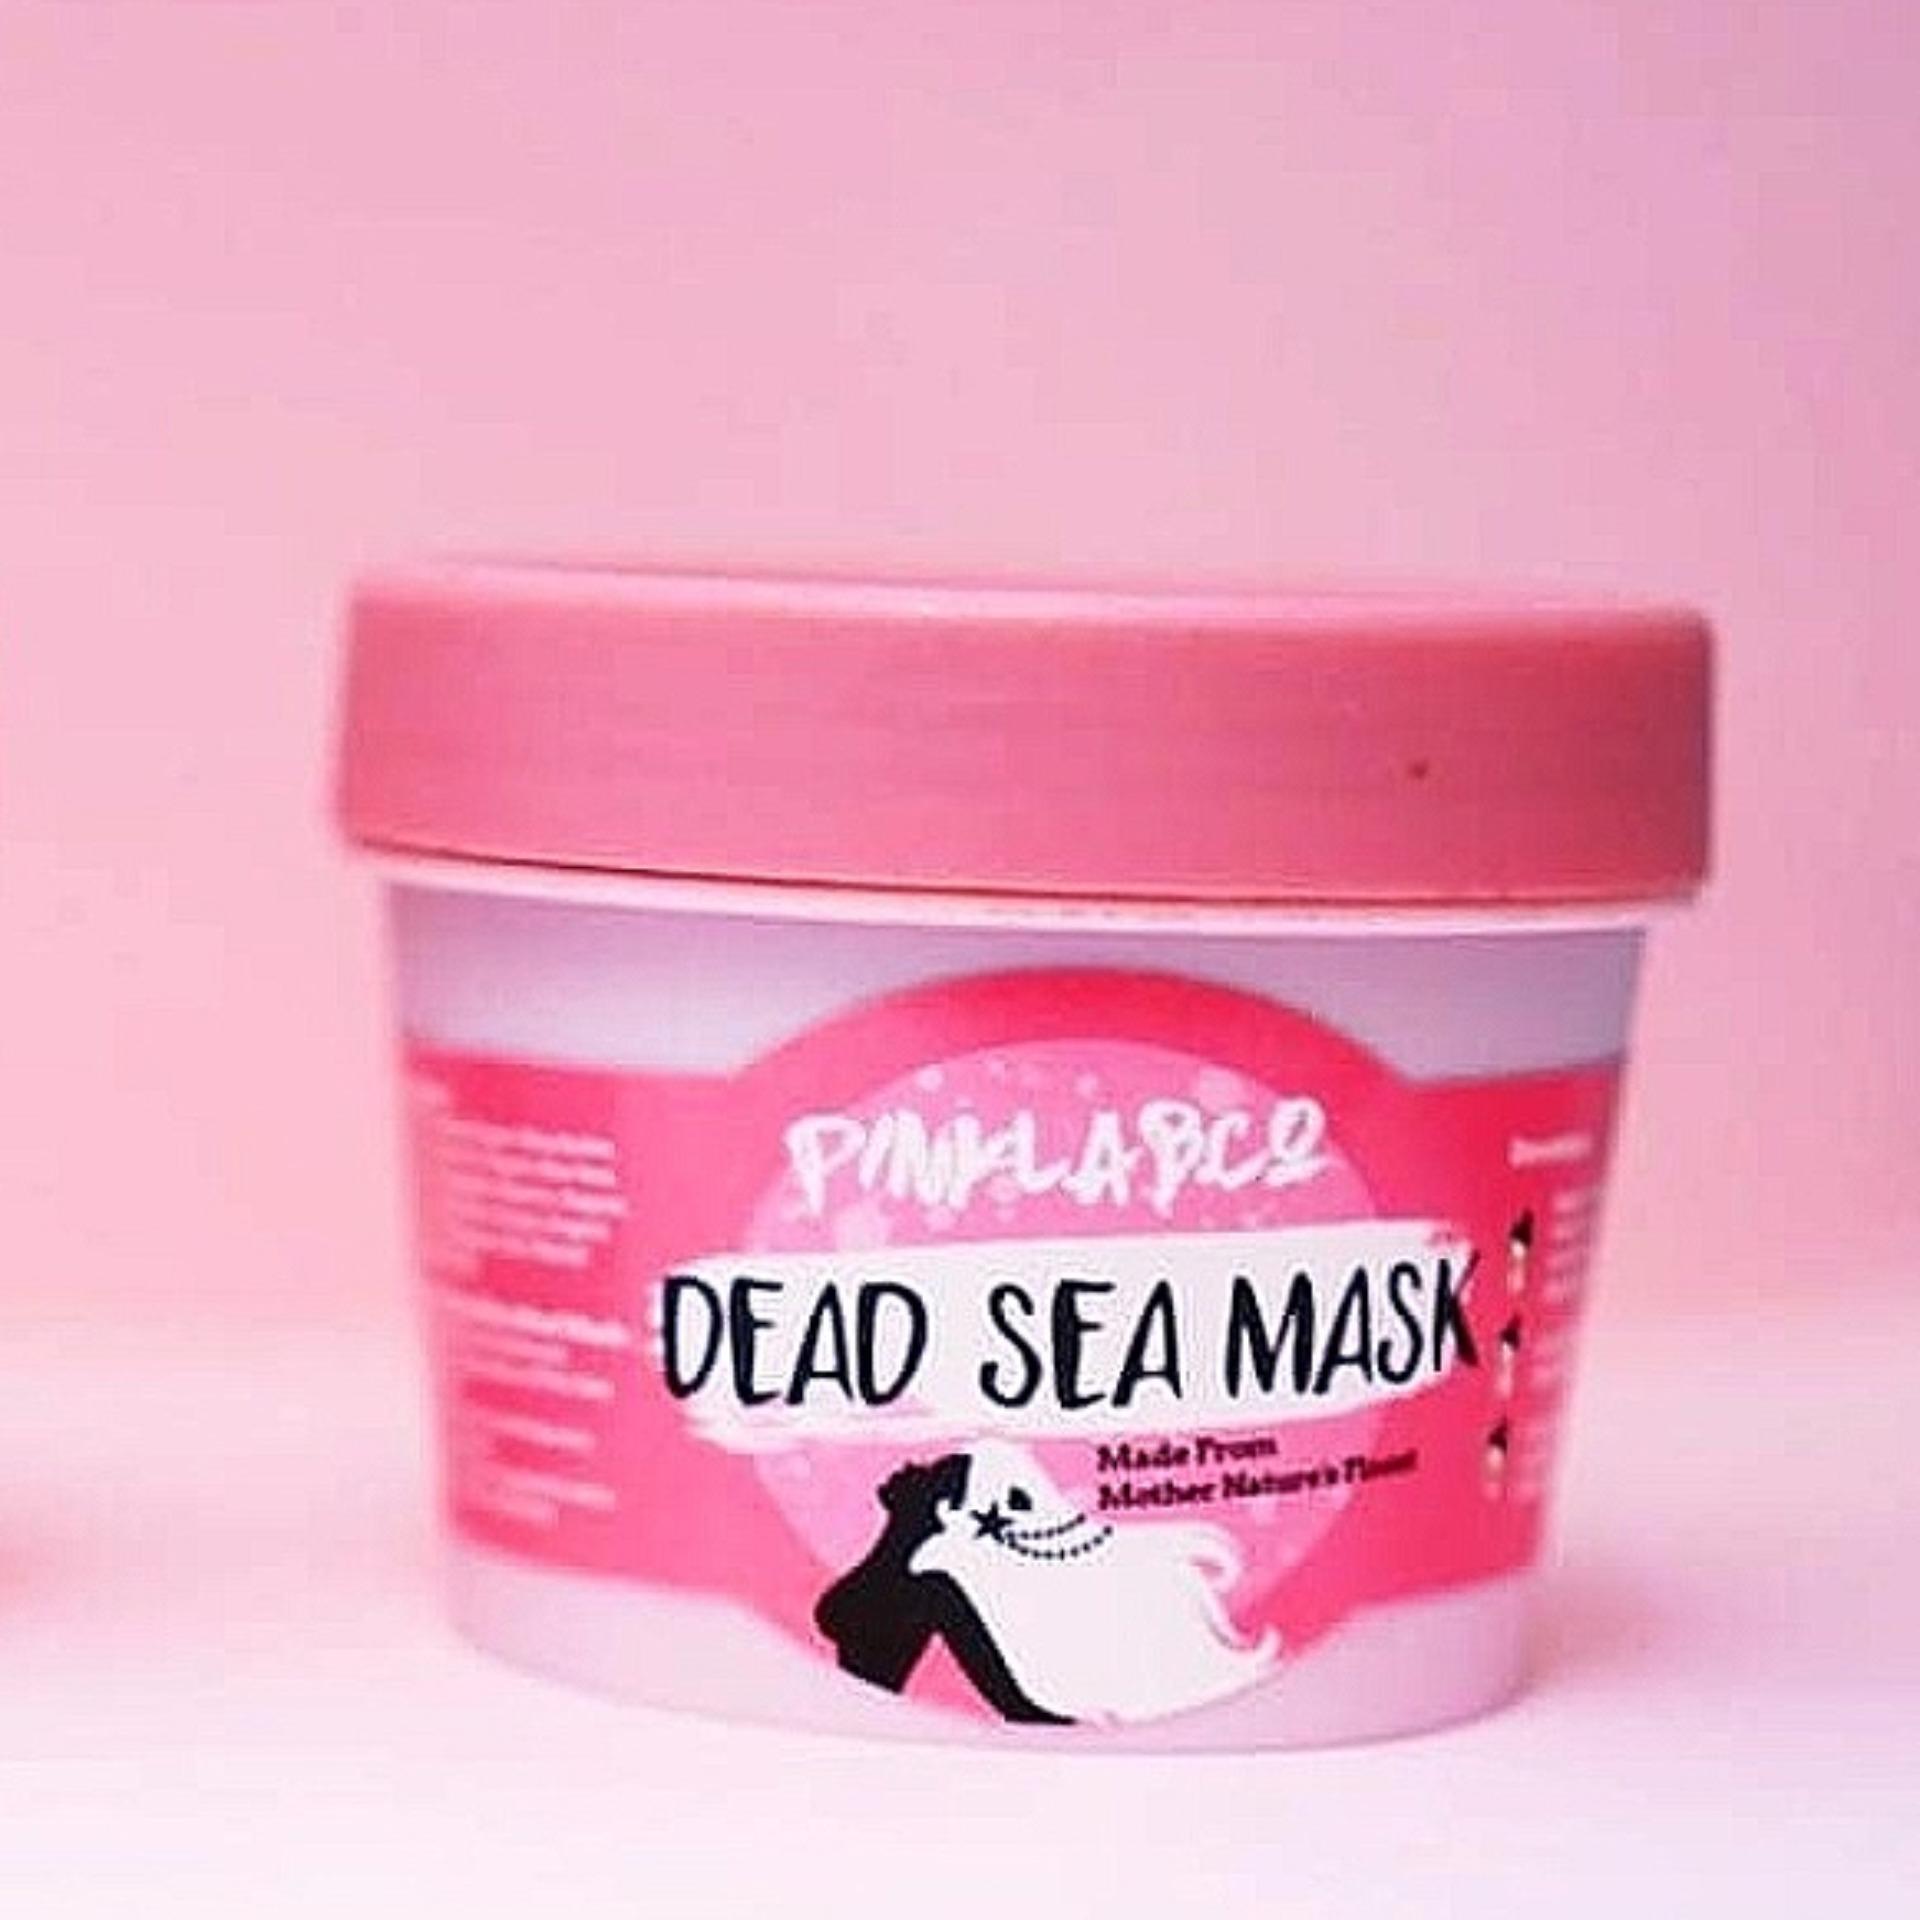 Kehebatan Glam Glow Gravity Mud Mask Sample Dan Harga Update Bioaqua Remove Blackhead Lumpur Bio Aqua Dead Sea By Pinklabco